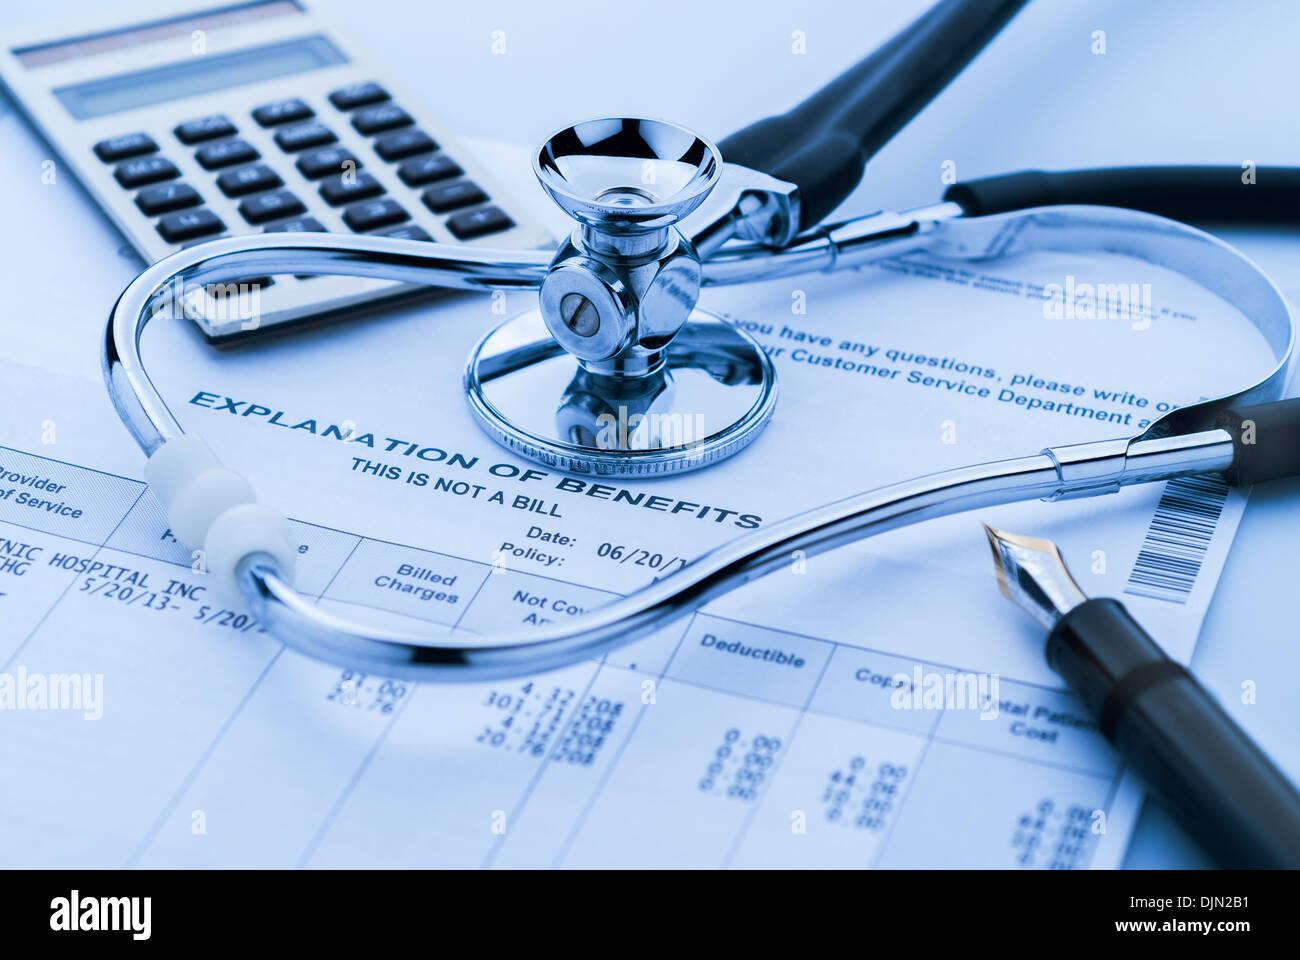 Costo del cuidado de la salud con el estetoscopio, calculadora y lápiz Imagen De Stock